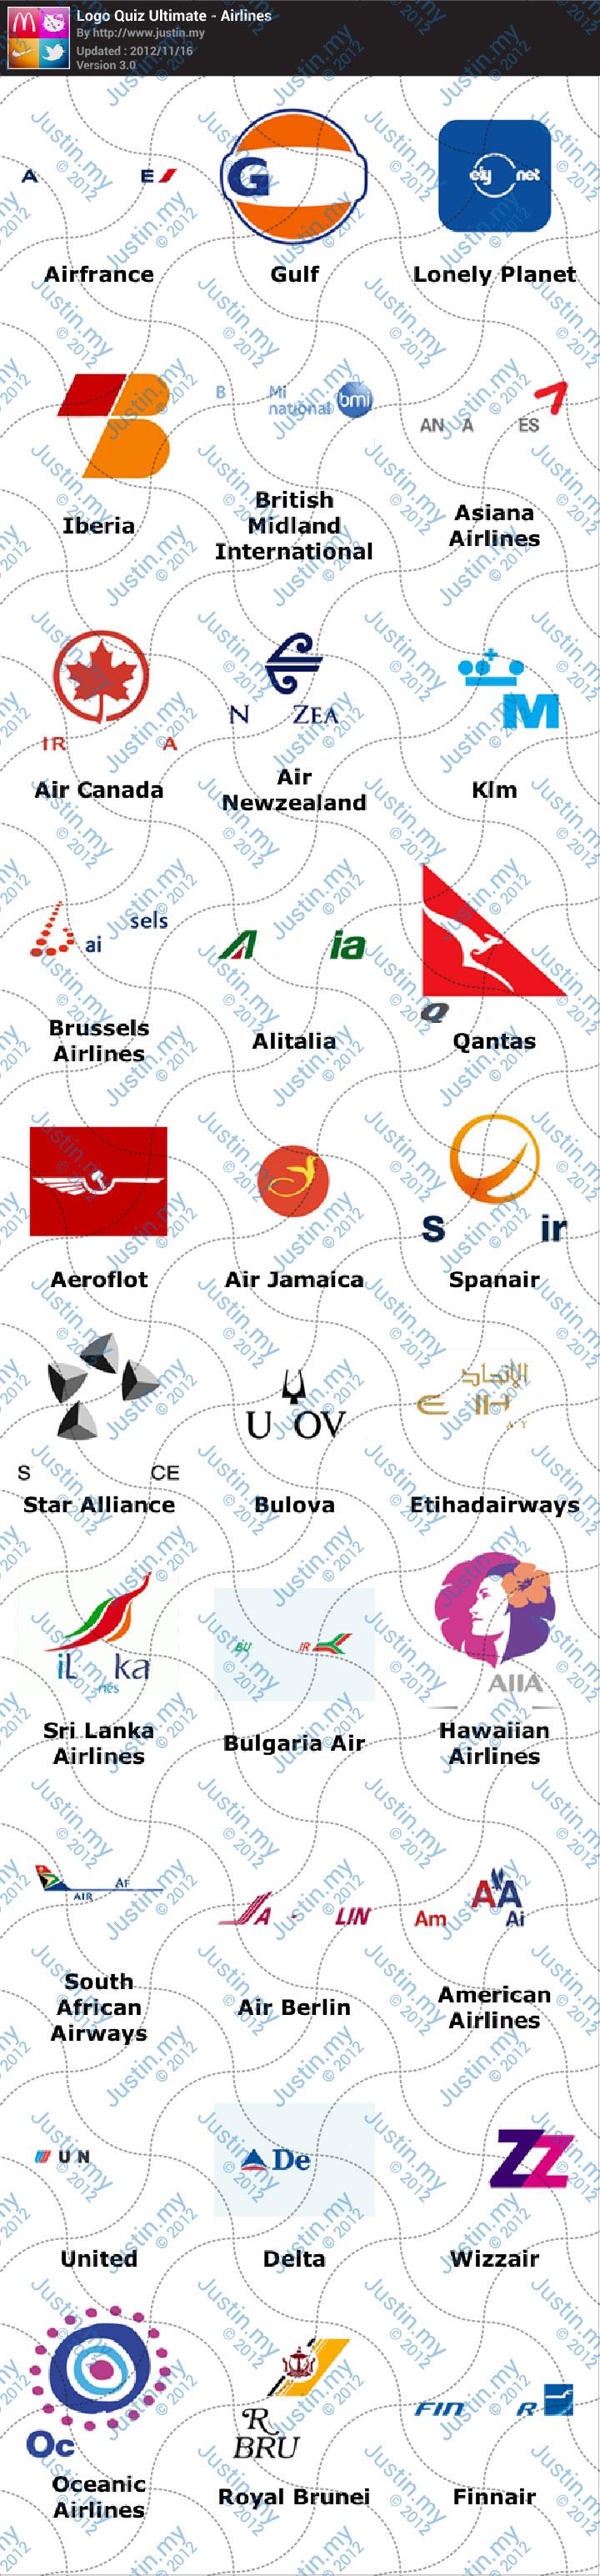 Logo Quiz Ultimate Airlines